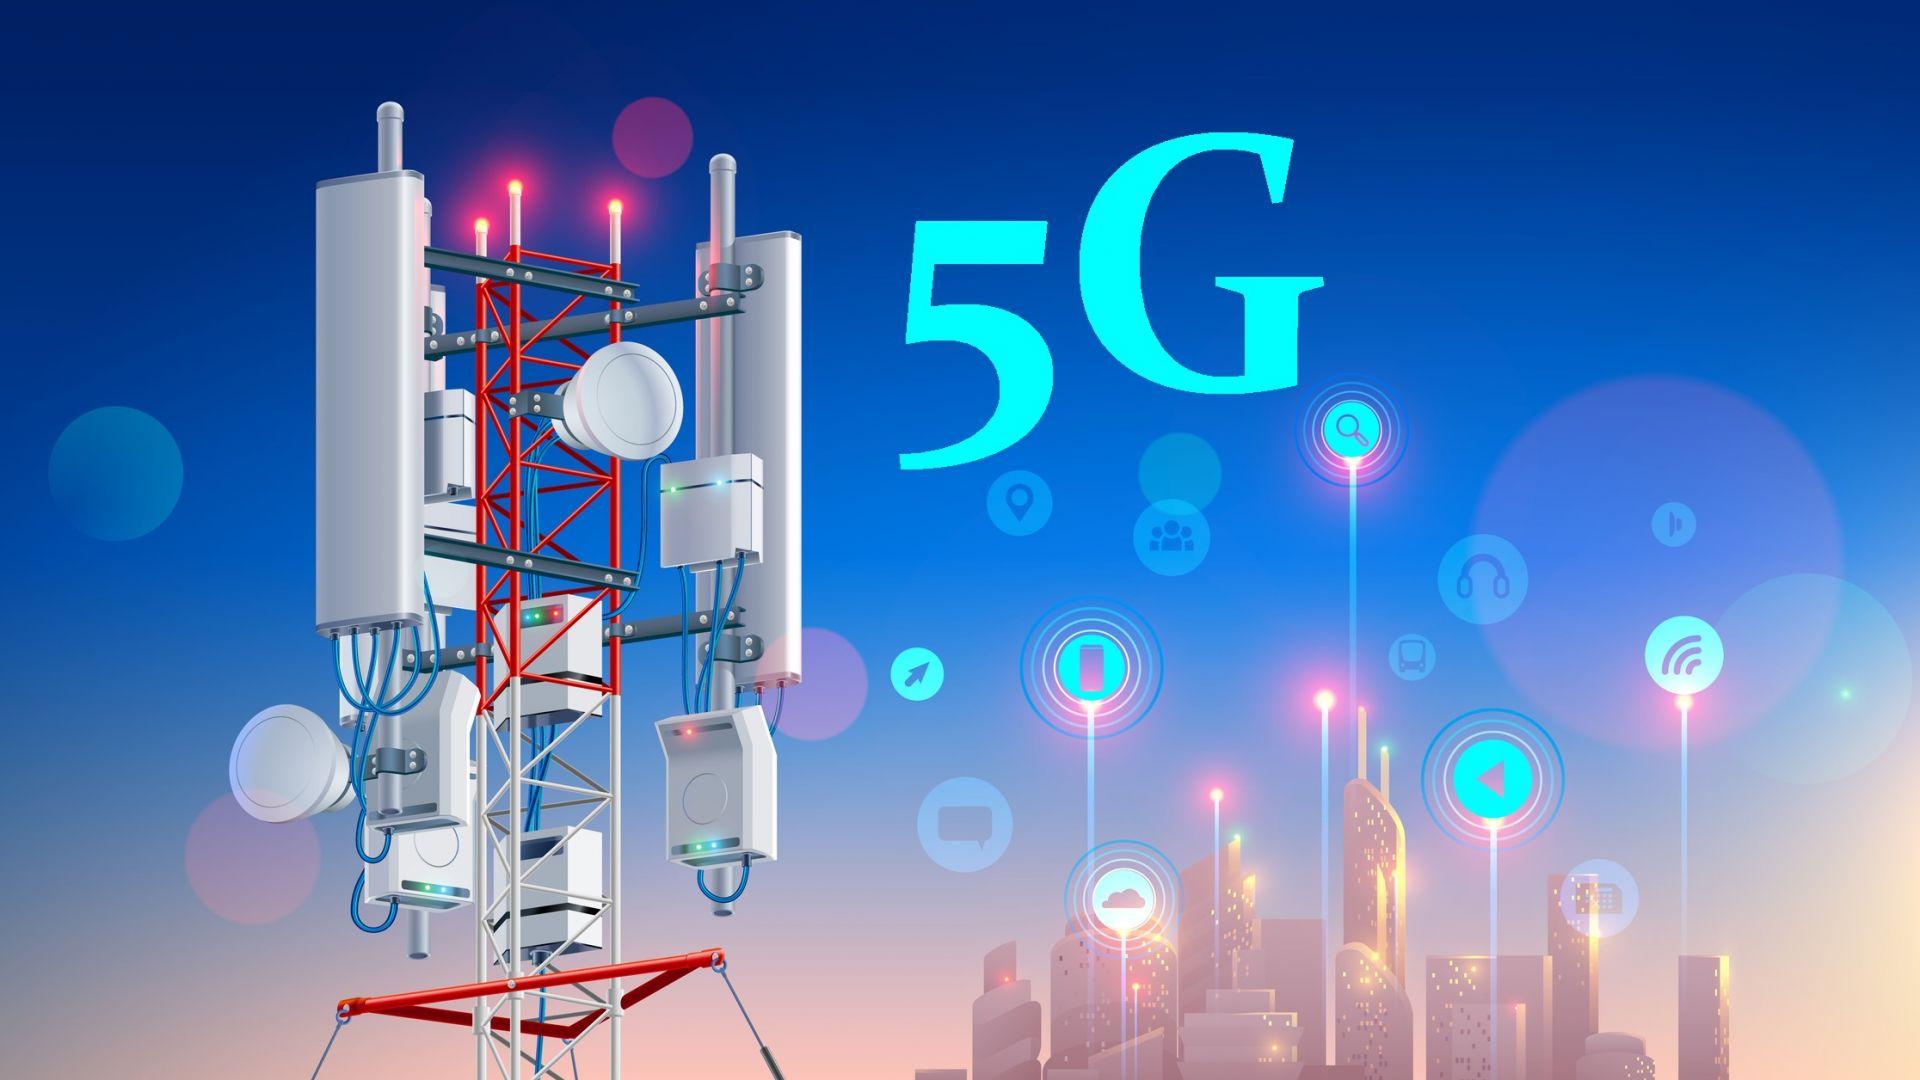 Huawei ще произвежда 5G оборудване в Европа